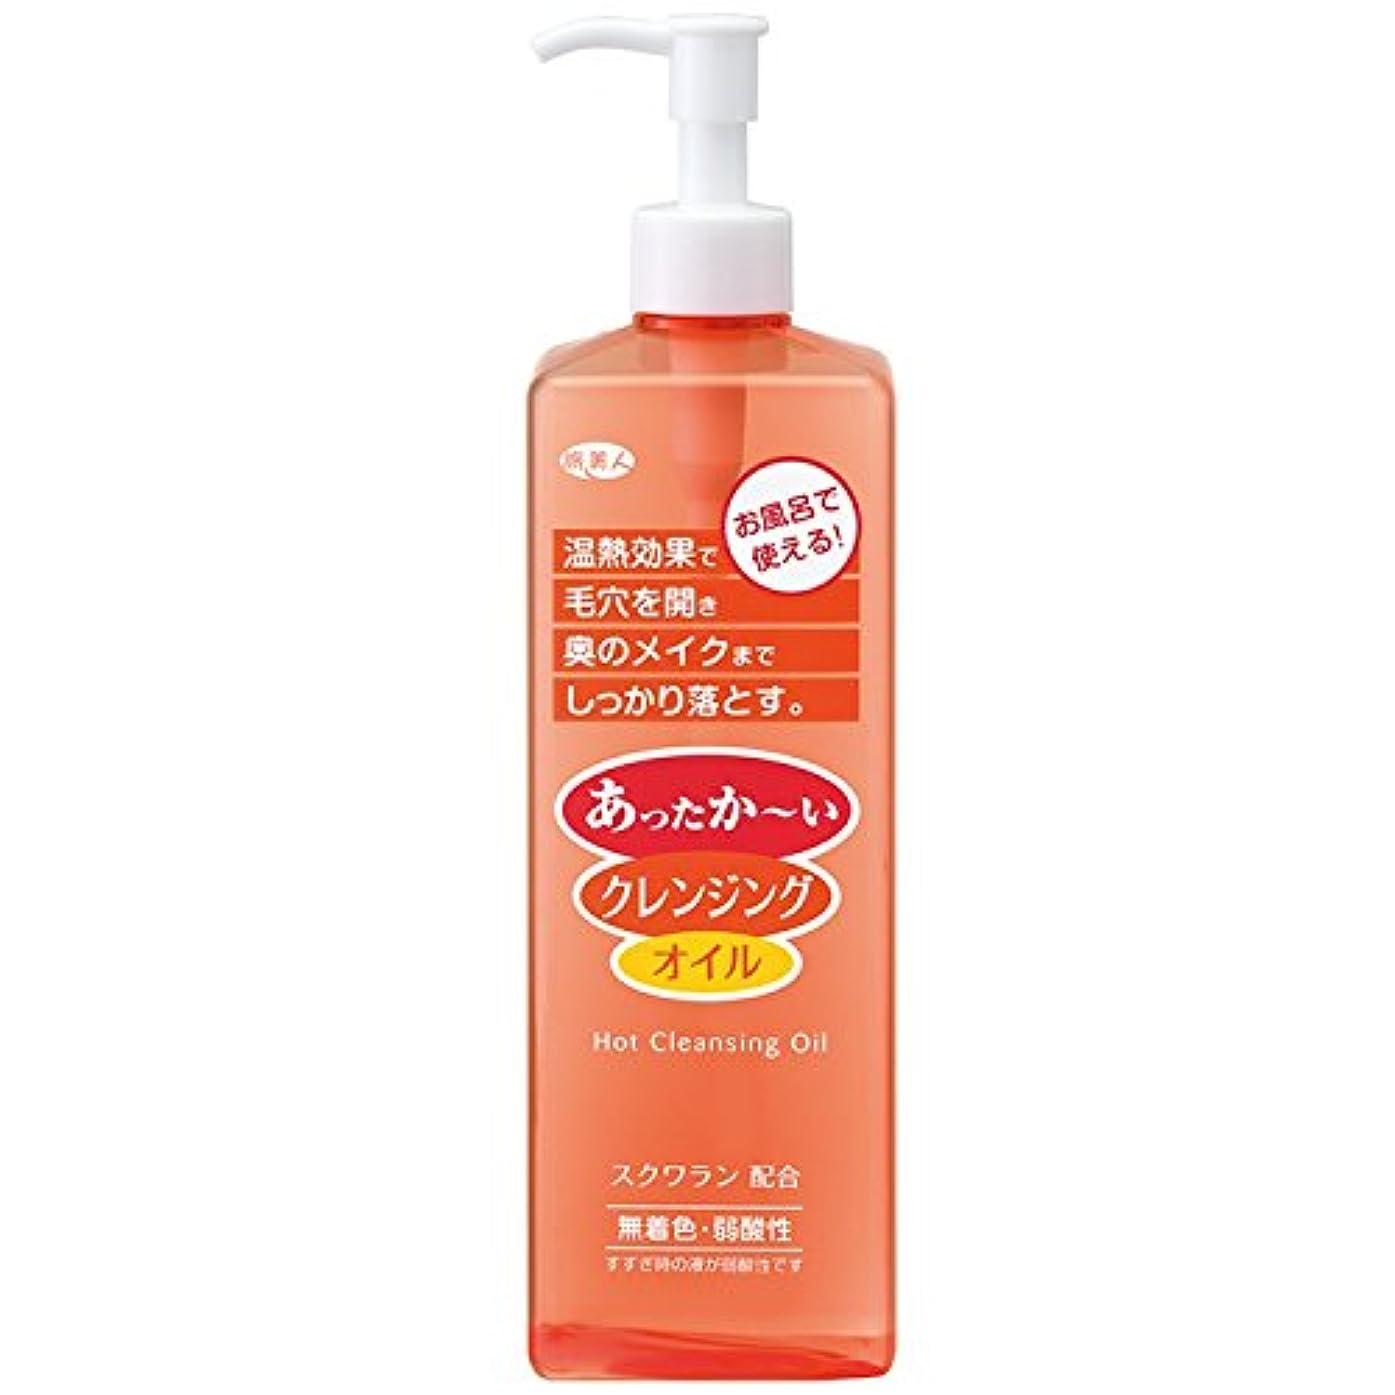 免疫白い頭アズマ商事の 新感覚温熱効果 ホットクレンジングオイル 600ml